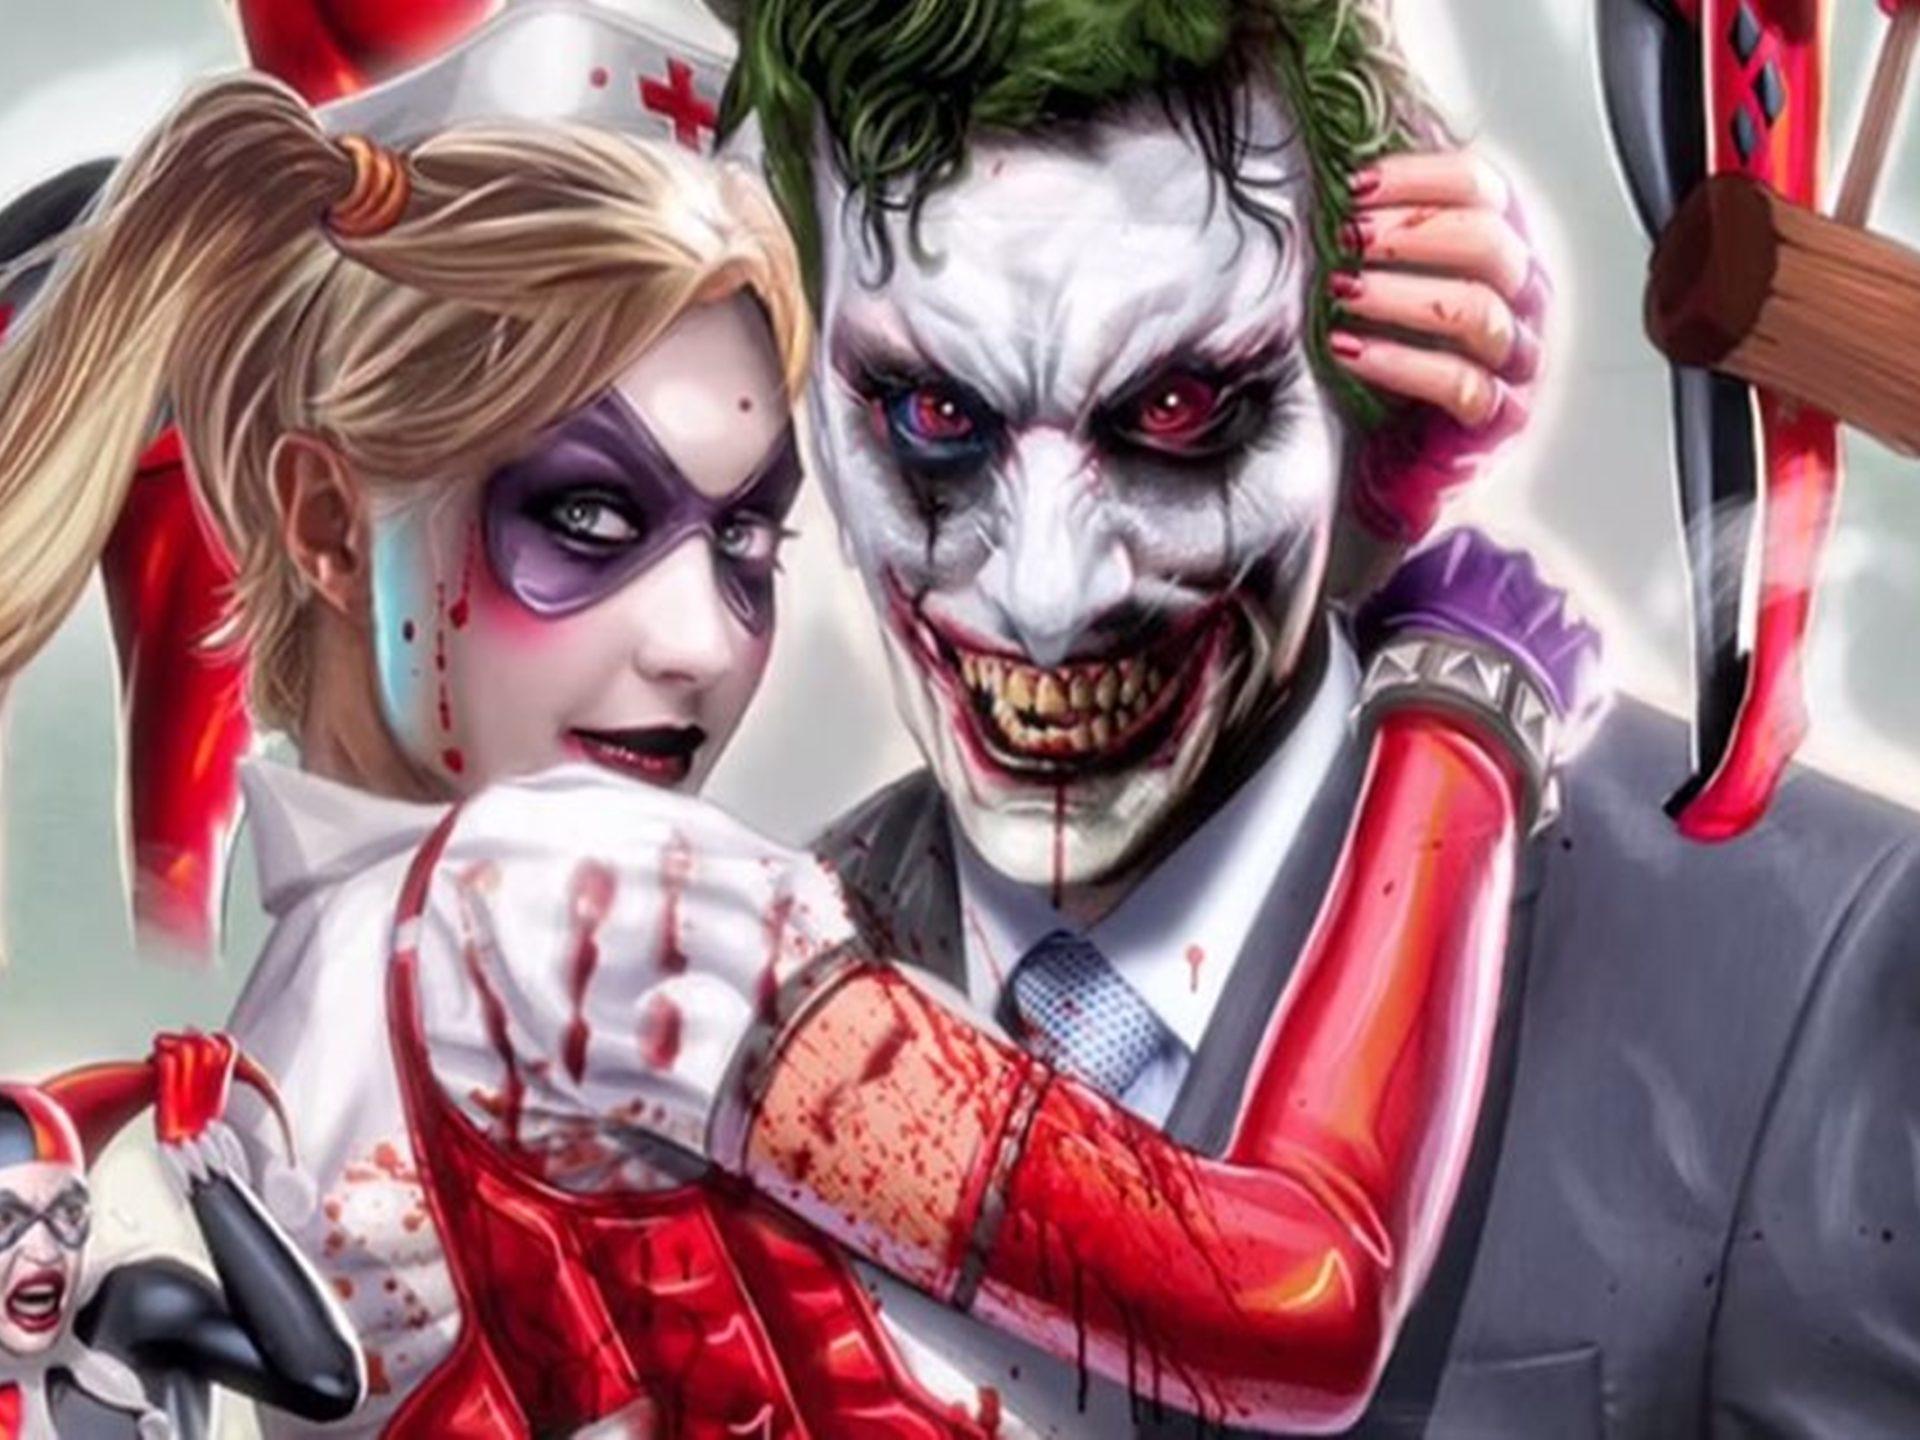 Joker Amp Harley Quinn Vs Deadpool Amp Domino Wallpaper Hd